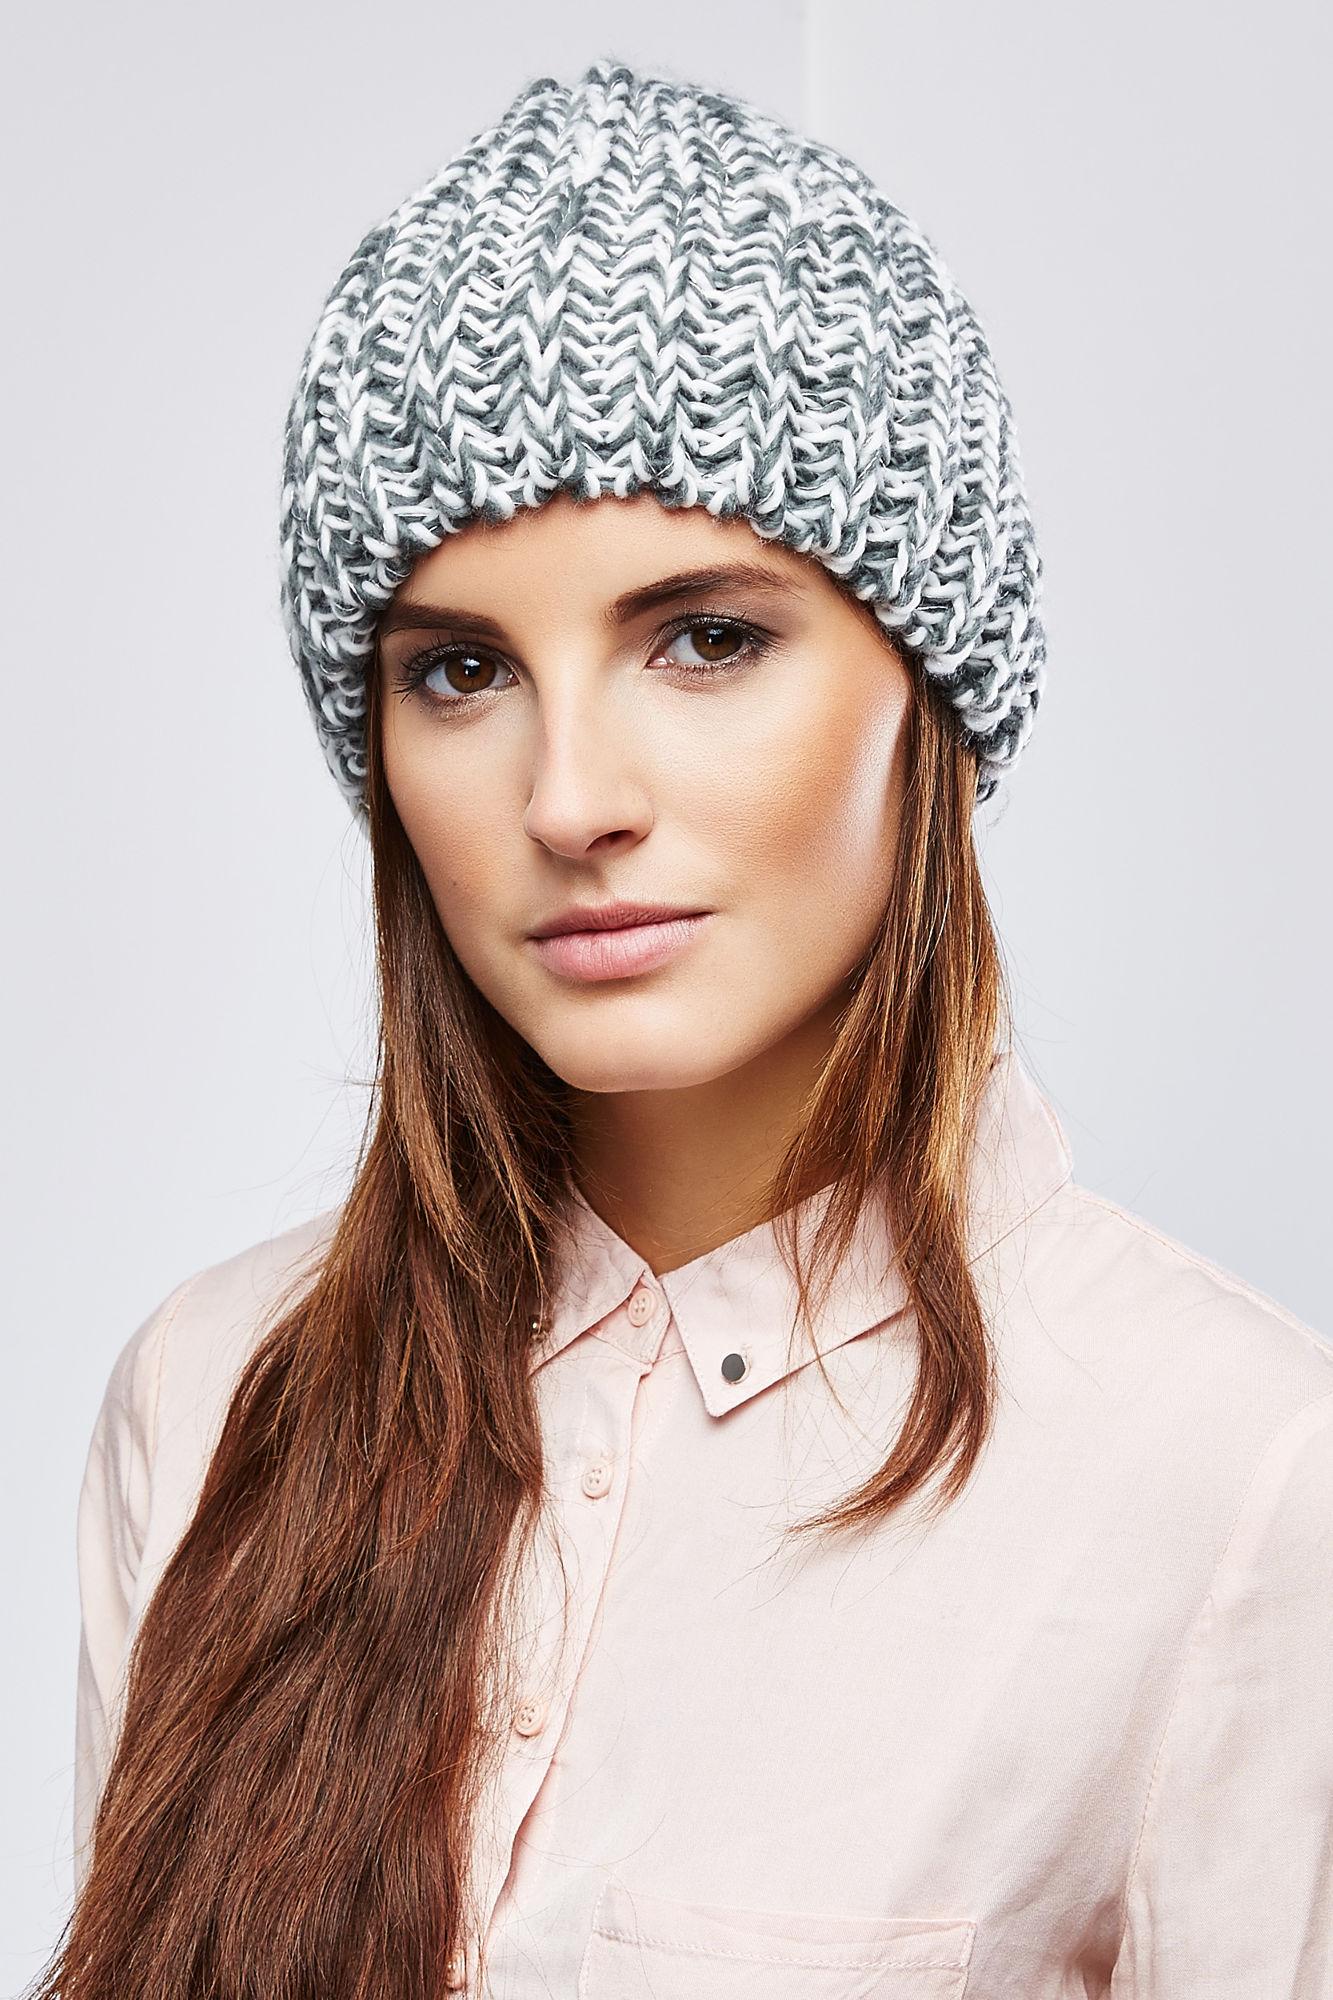 Шапка женская. Z-CZ-1804Z-CZ-1804_GREYВязаная женская шапка Moodo отлично дополнит ваш образ в прохладную погоду. Модель изготовлена из акрила, она необычайно мягкая и приятная на ощупь, максимально сохраняет тепло. Благодаря крупной эластичной вязке, шапка идеально прилегает к голове. По всей поверхности изделие украшено тонкой металлизированной блестящей нитью. Такой стильный и теплый головной убор подчеркнет вашу индивидуальность и станет отличным дополнением к гардеробу!